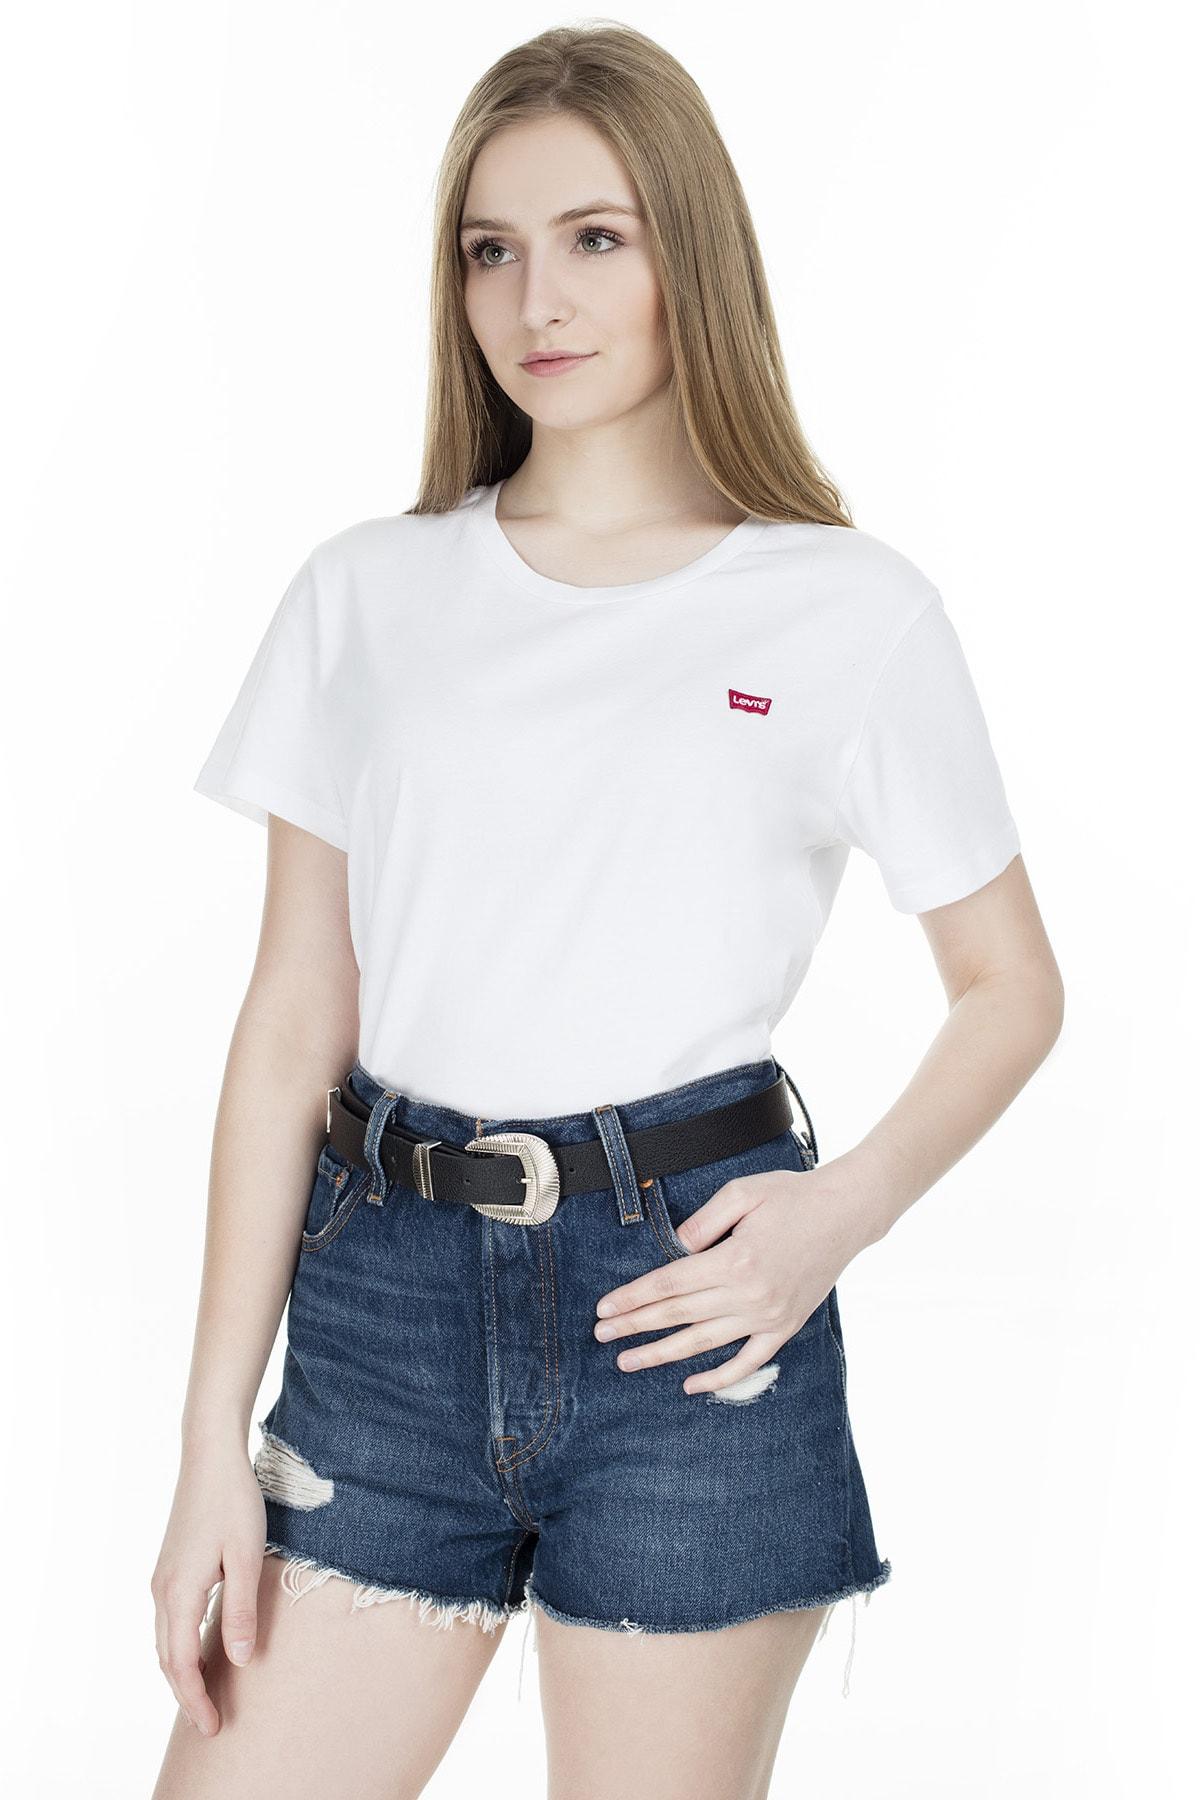 Levi's Kadın Perfect T-shirt 39185-0006